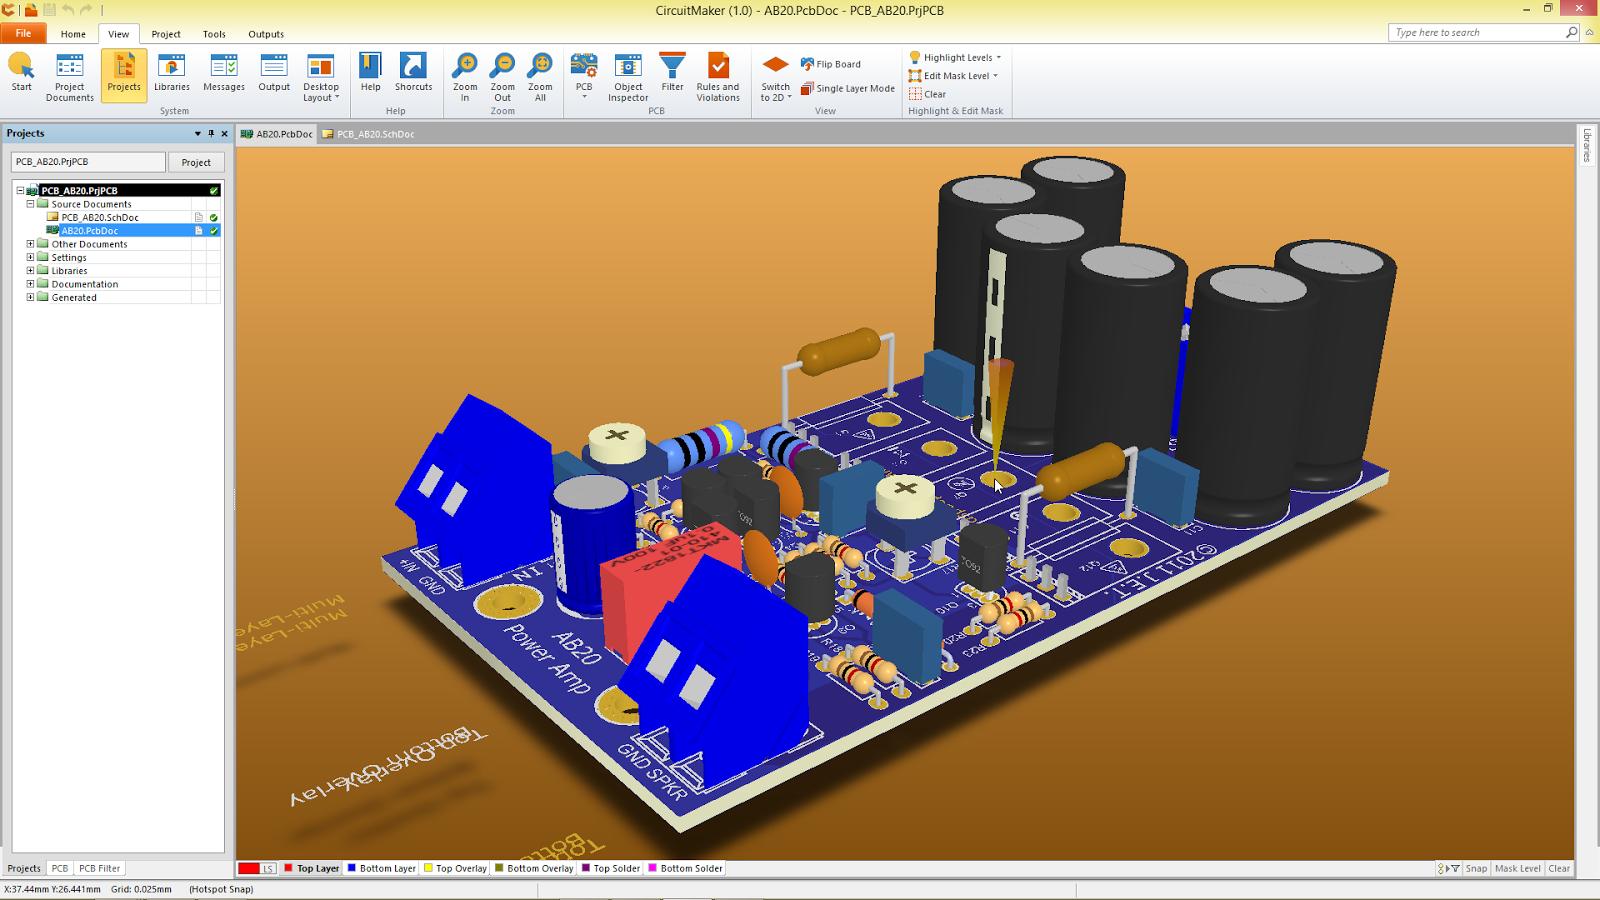 Circuit maker 1